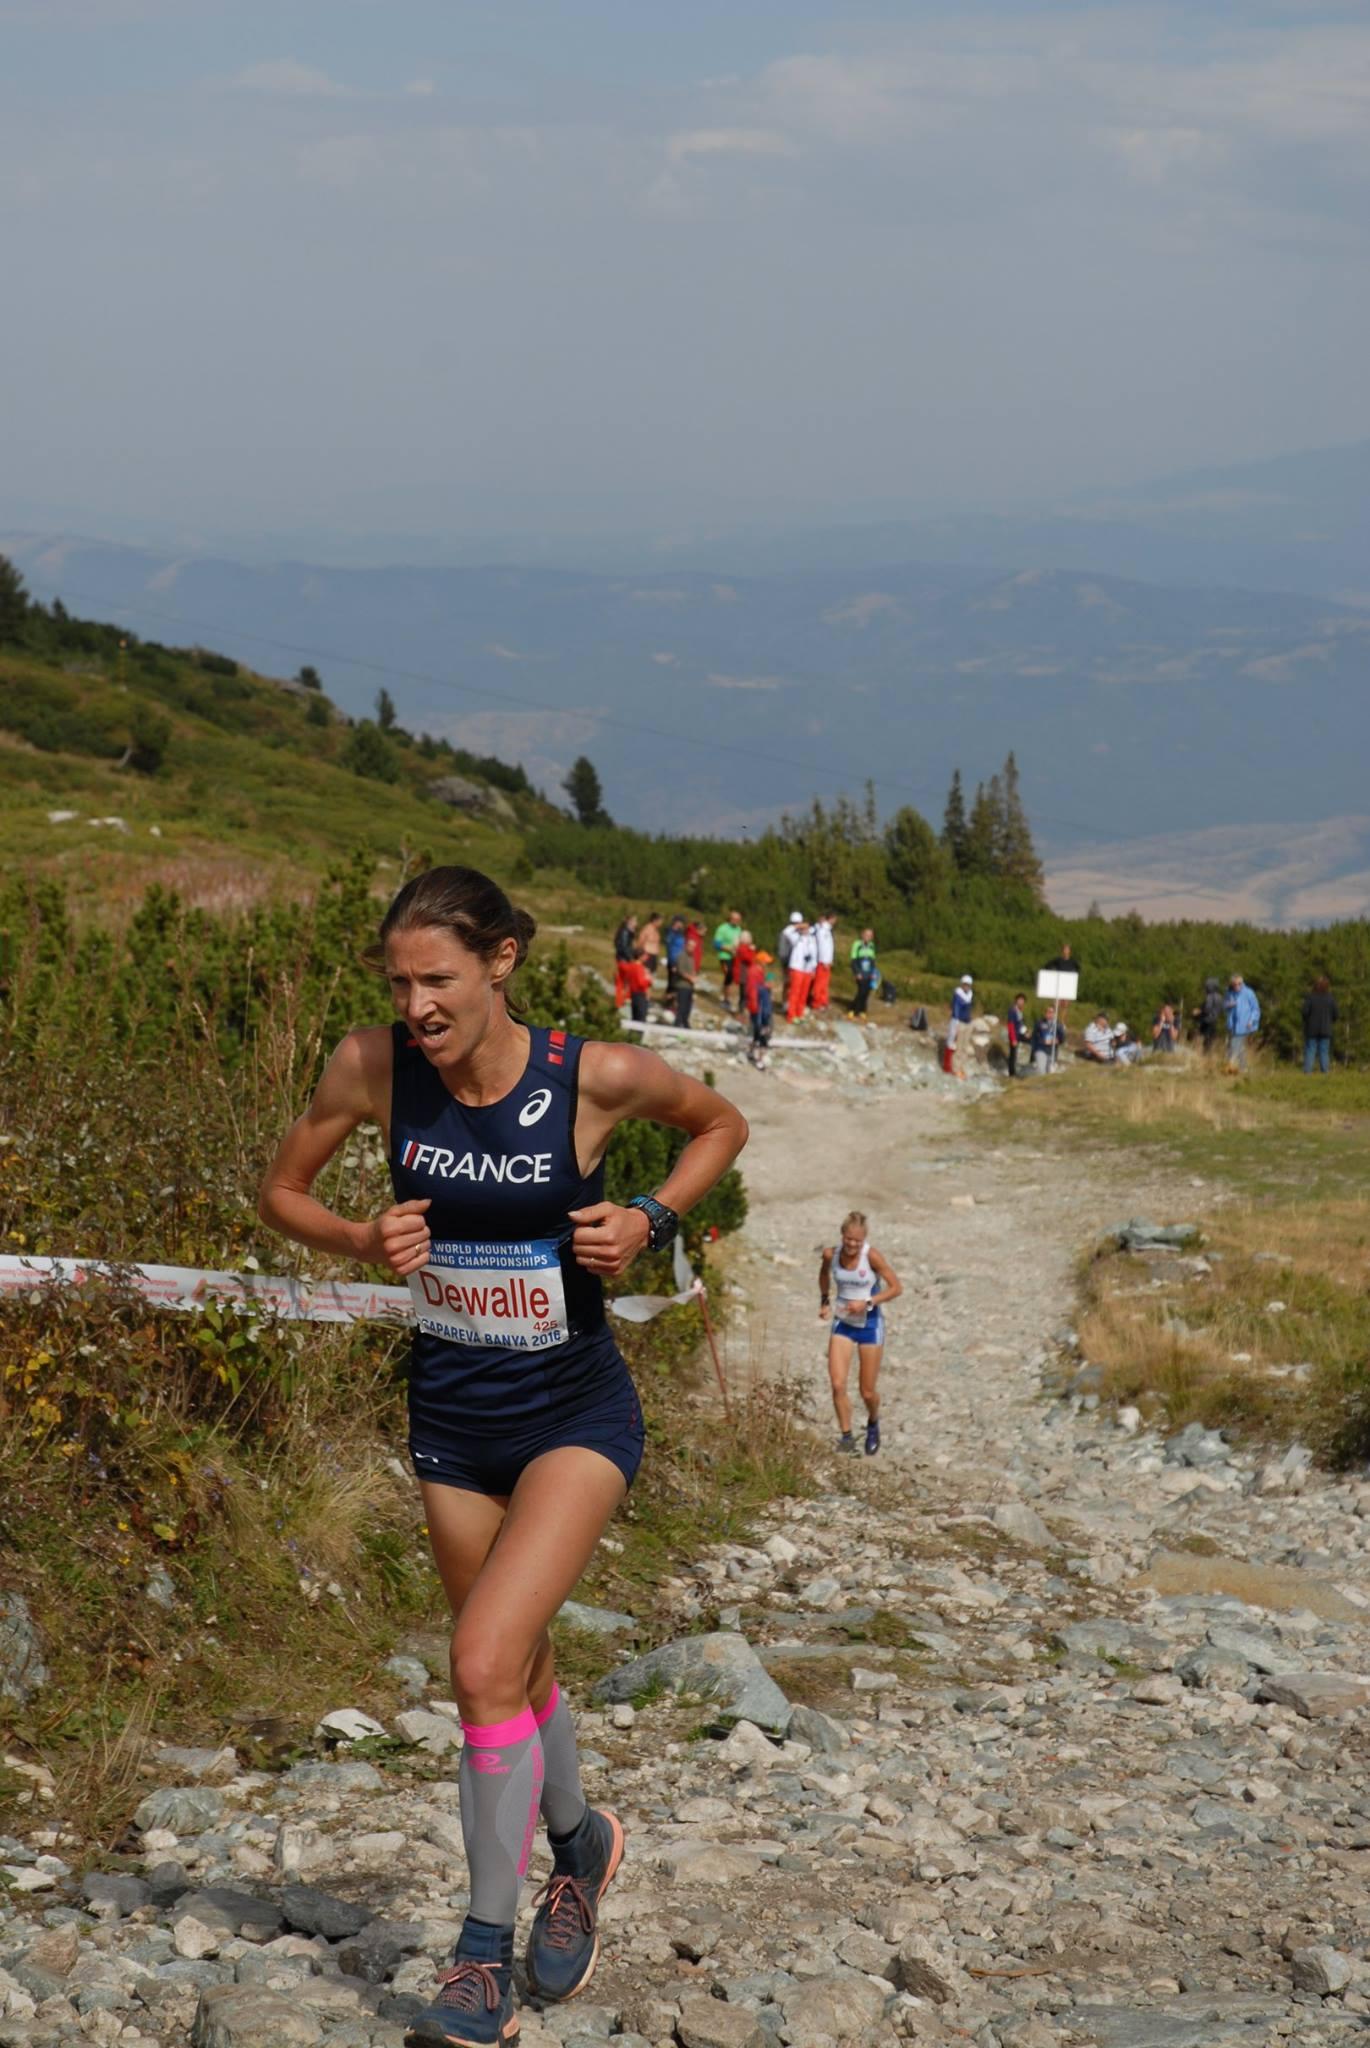 La haut-savoyarde Christel Dewalle 3ème des championnats du monde de course de montagne 2016